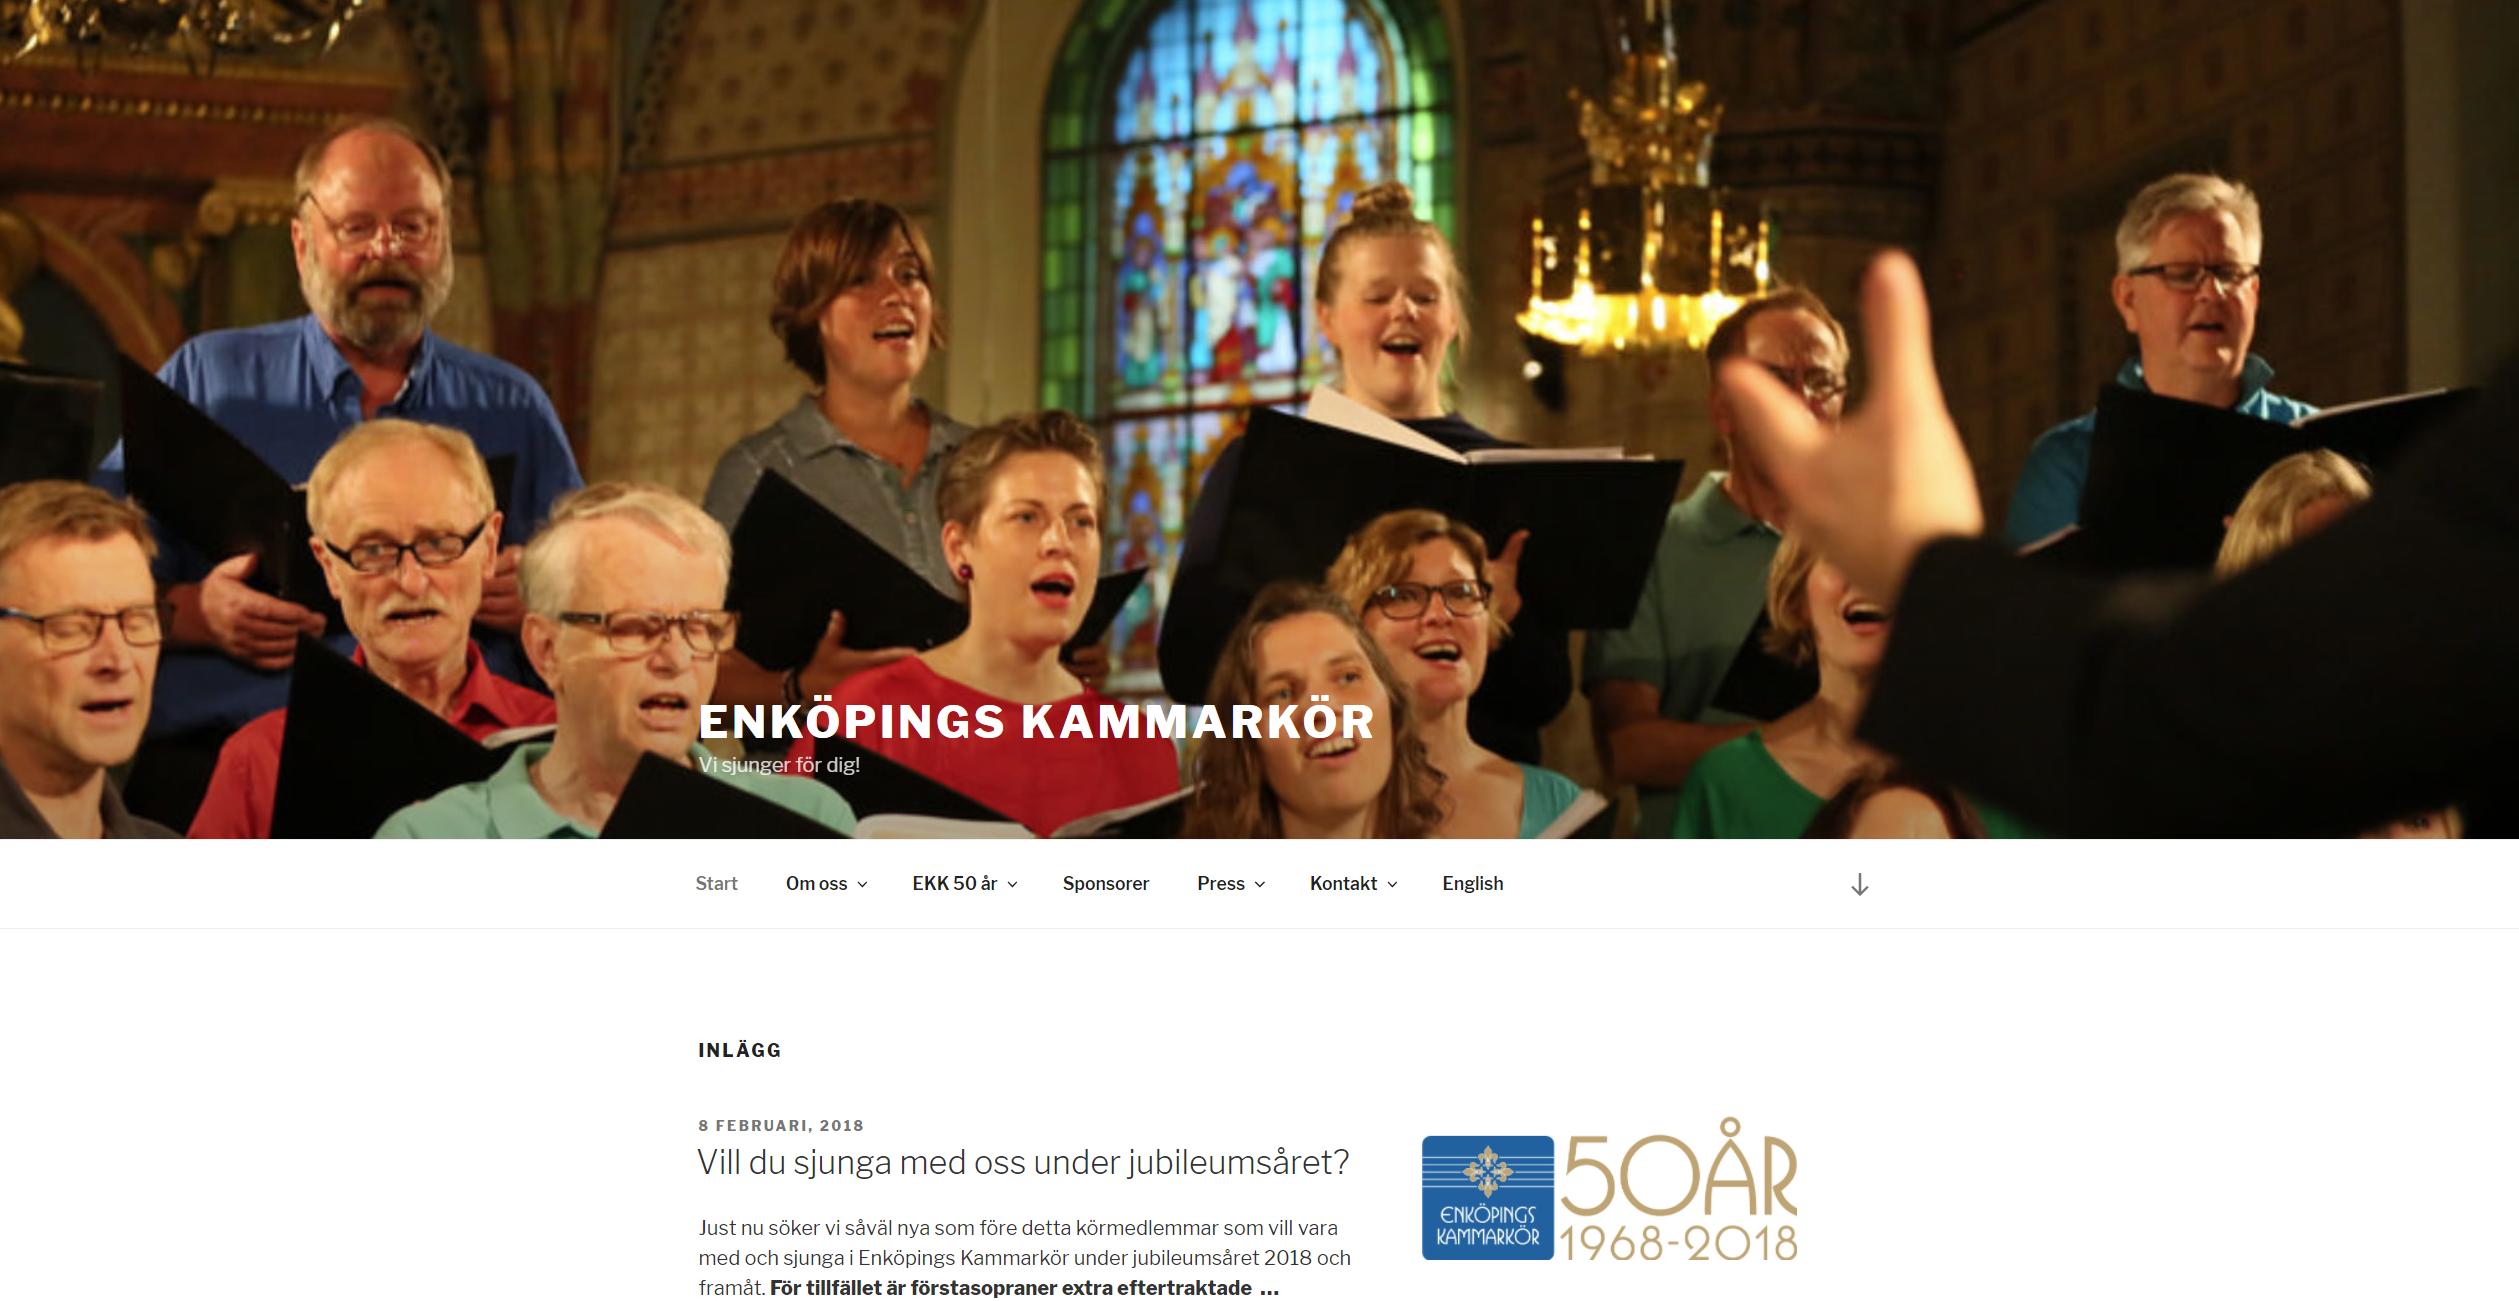 Enköpings Kammarkör - nytt uppdrag. Ny användarvänlig och mobilanpassad hemsida. Kören firar 50 år med fyra jubileumskonserter.